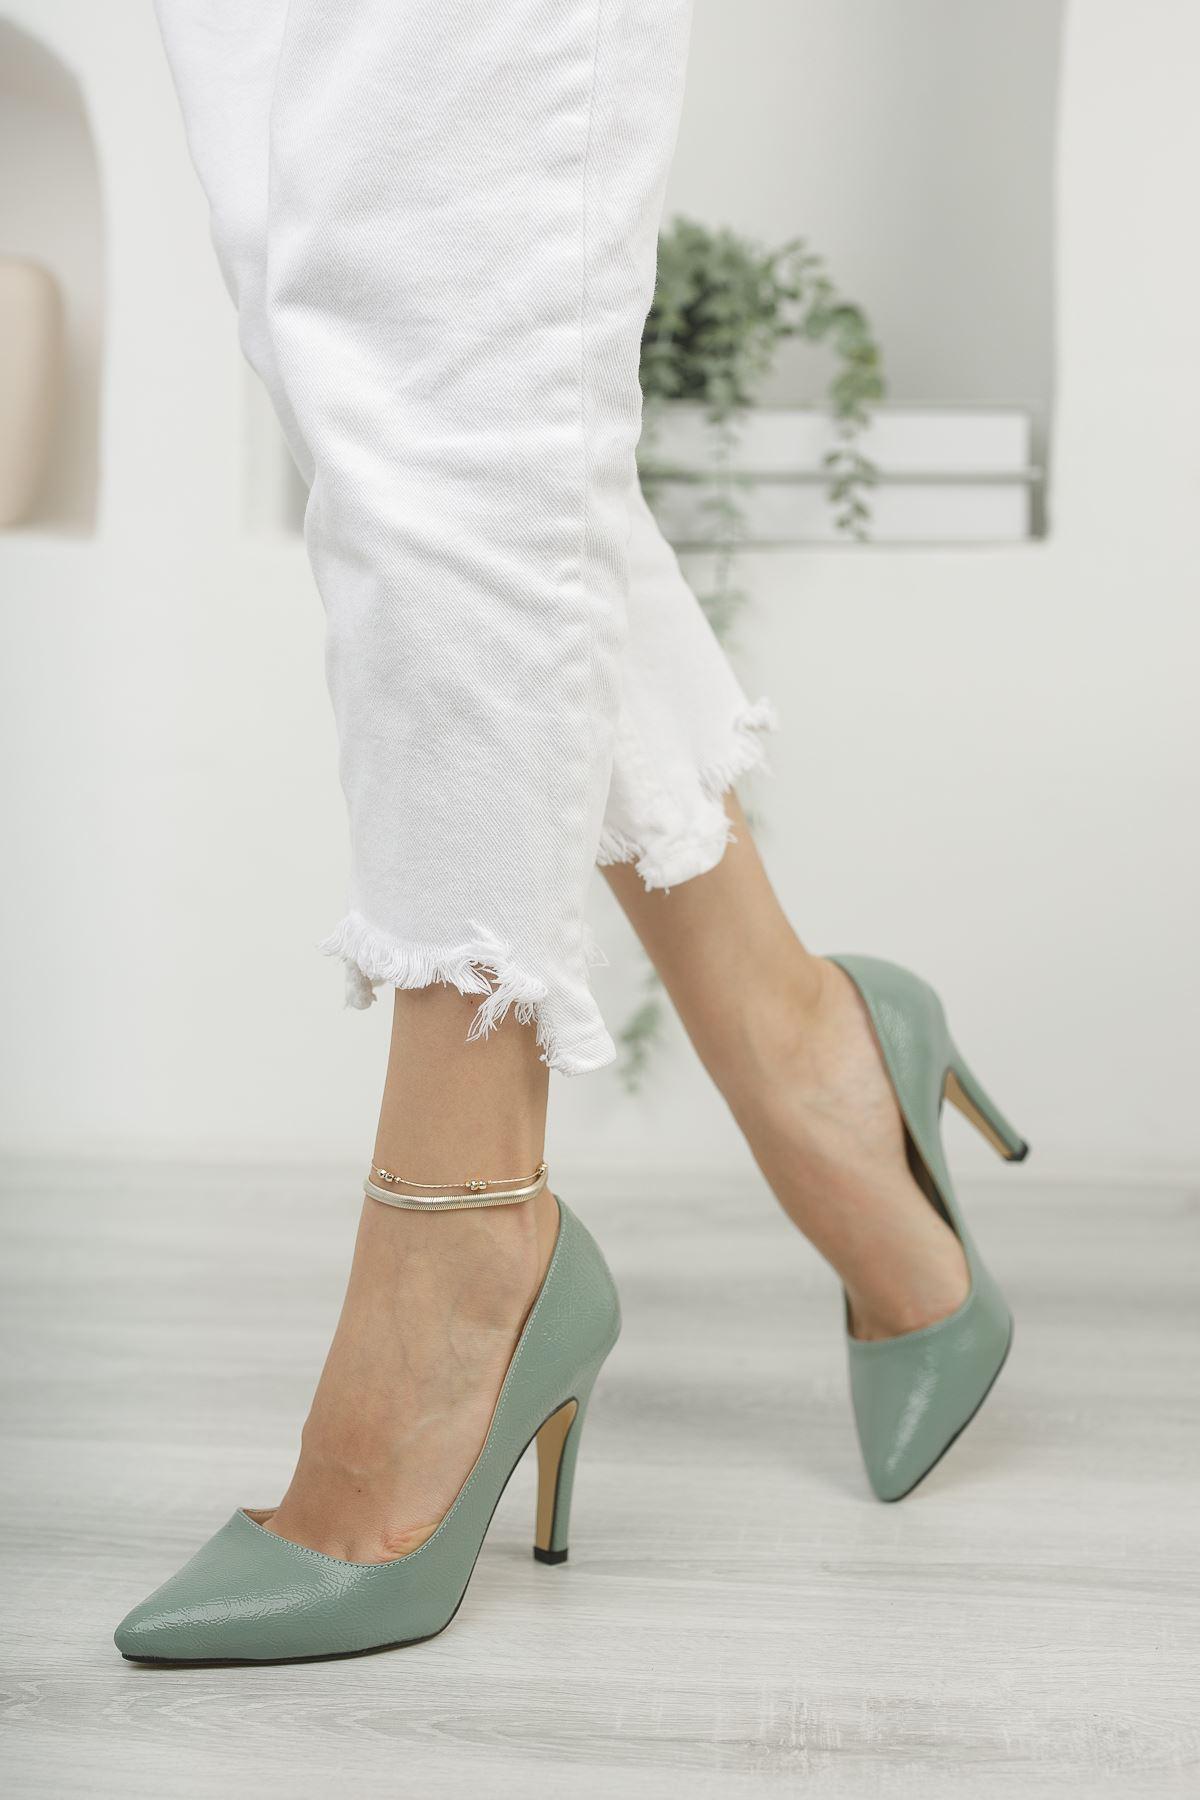 Mariam Yeşil Kırışık Rugan Yüksek Topuklu Stiletto